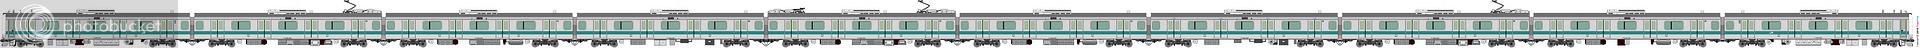 [5544] 東日本旅客鉄道 1944